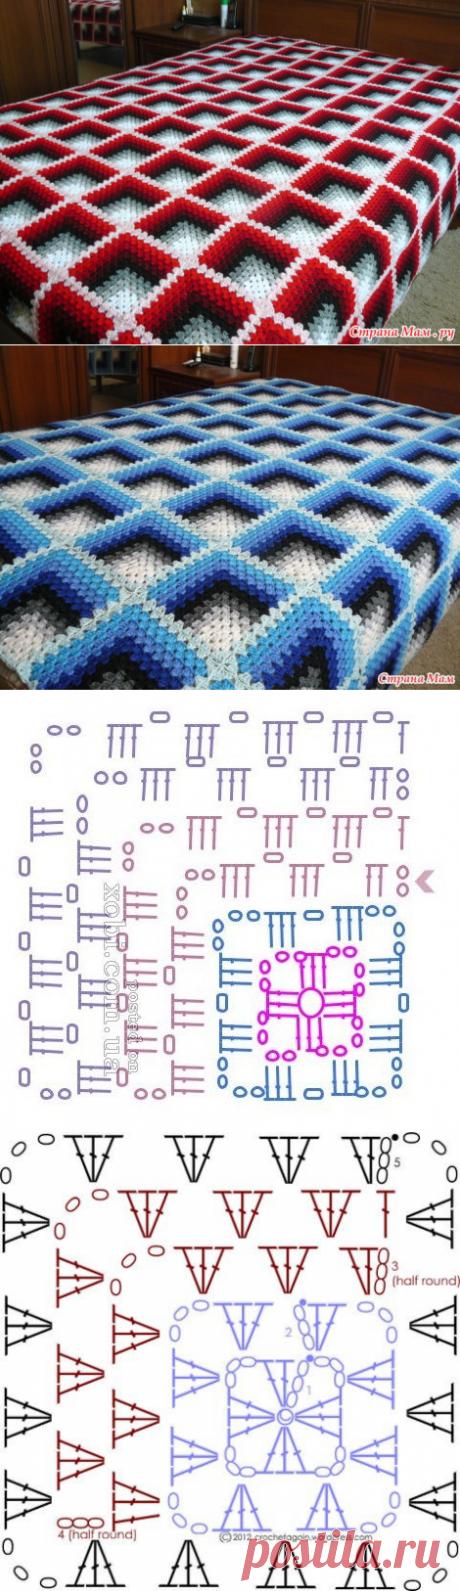 Красный вязаный плед 3D (Вязание крючком) – Журнал Вдохновение Рукодельницы